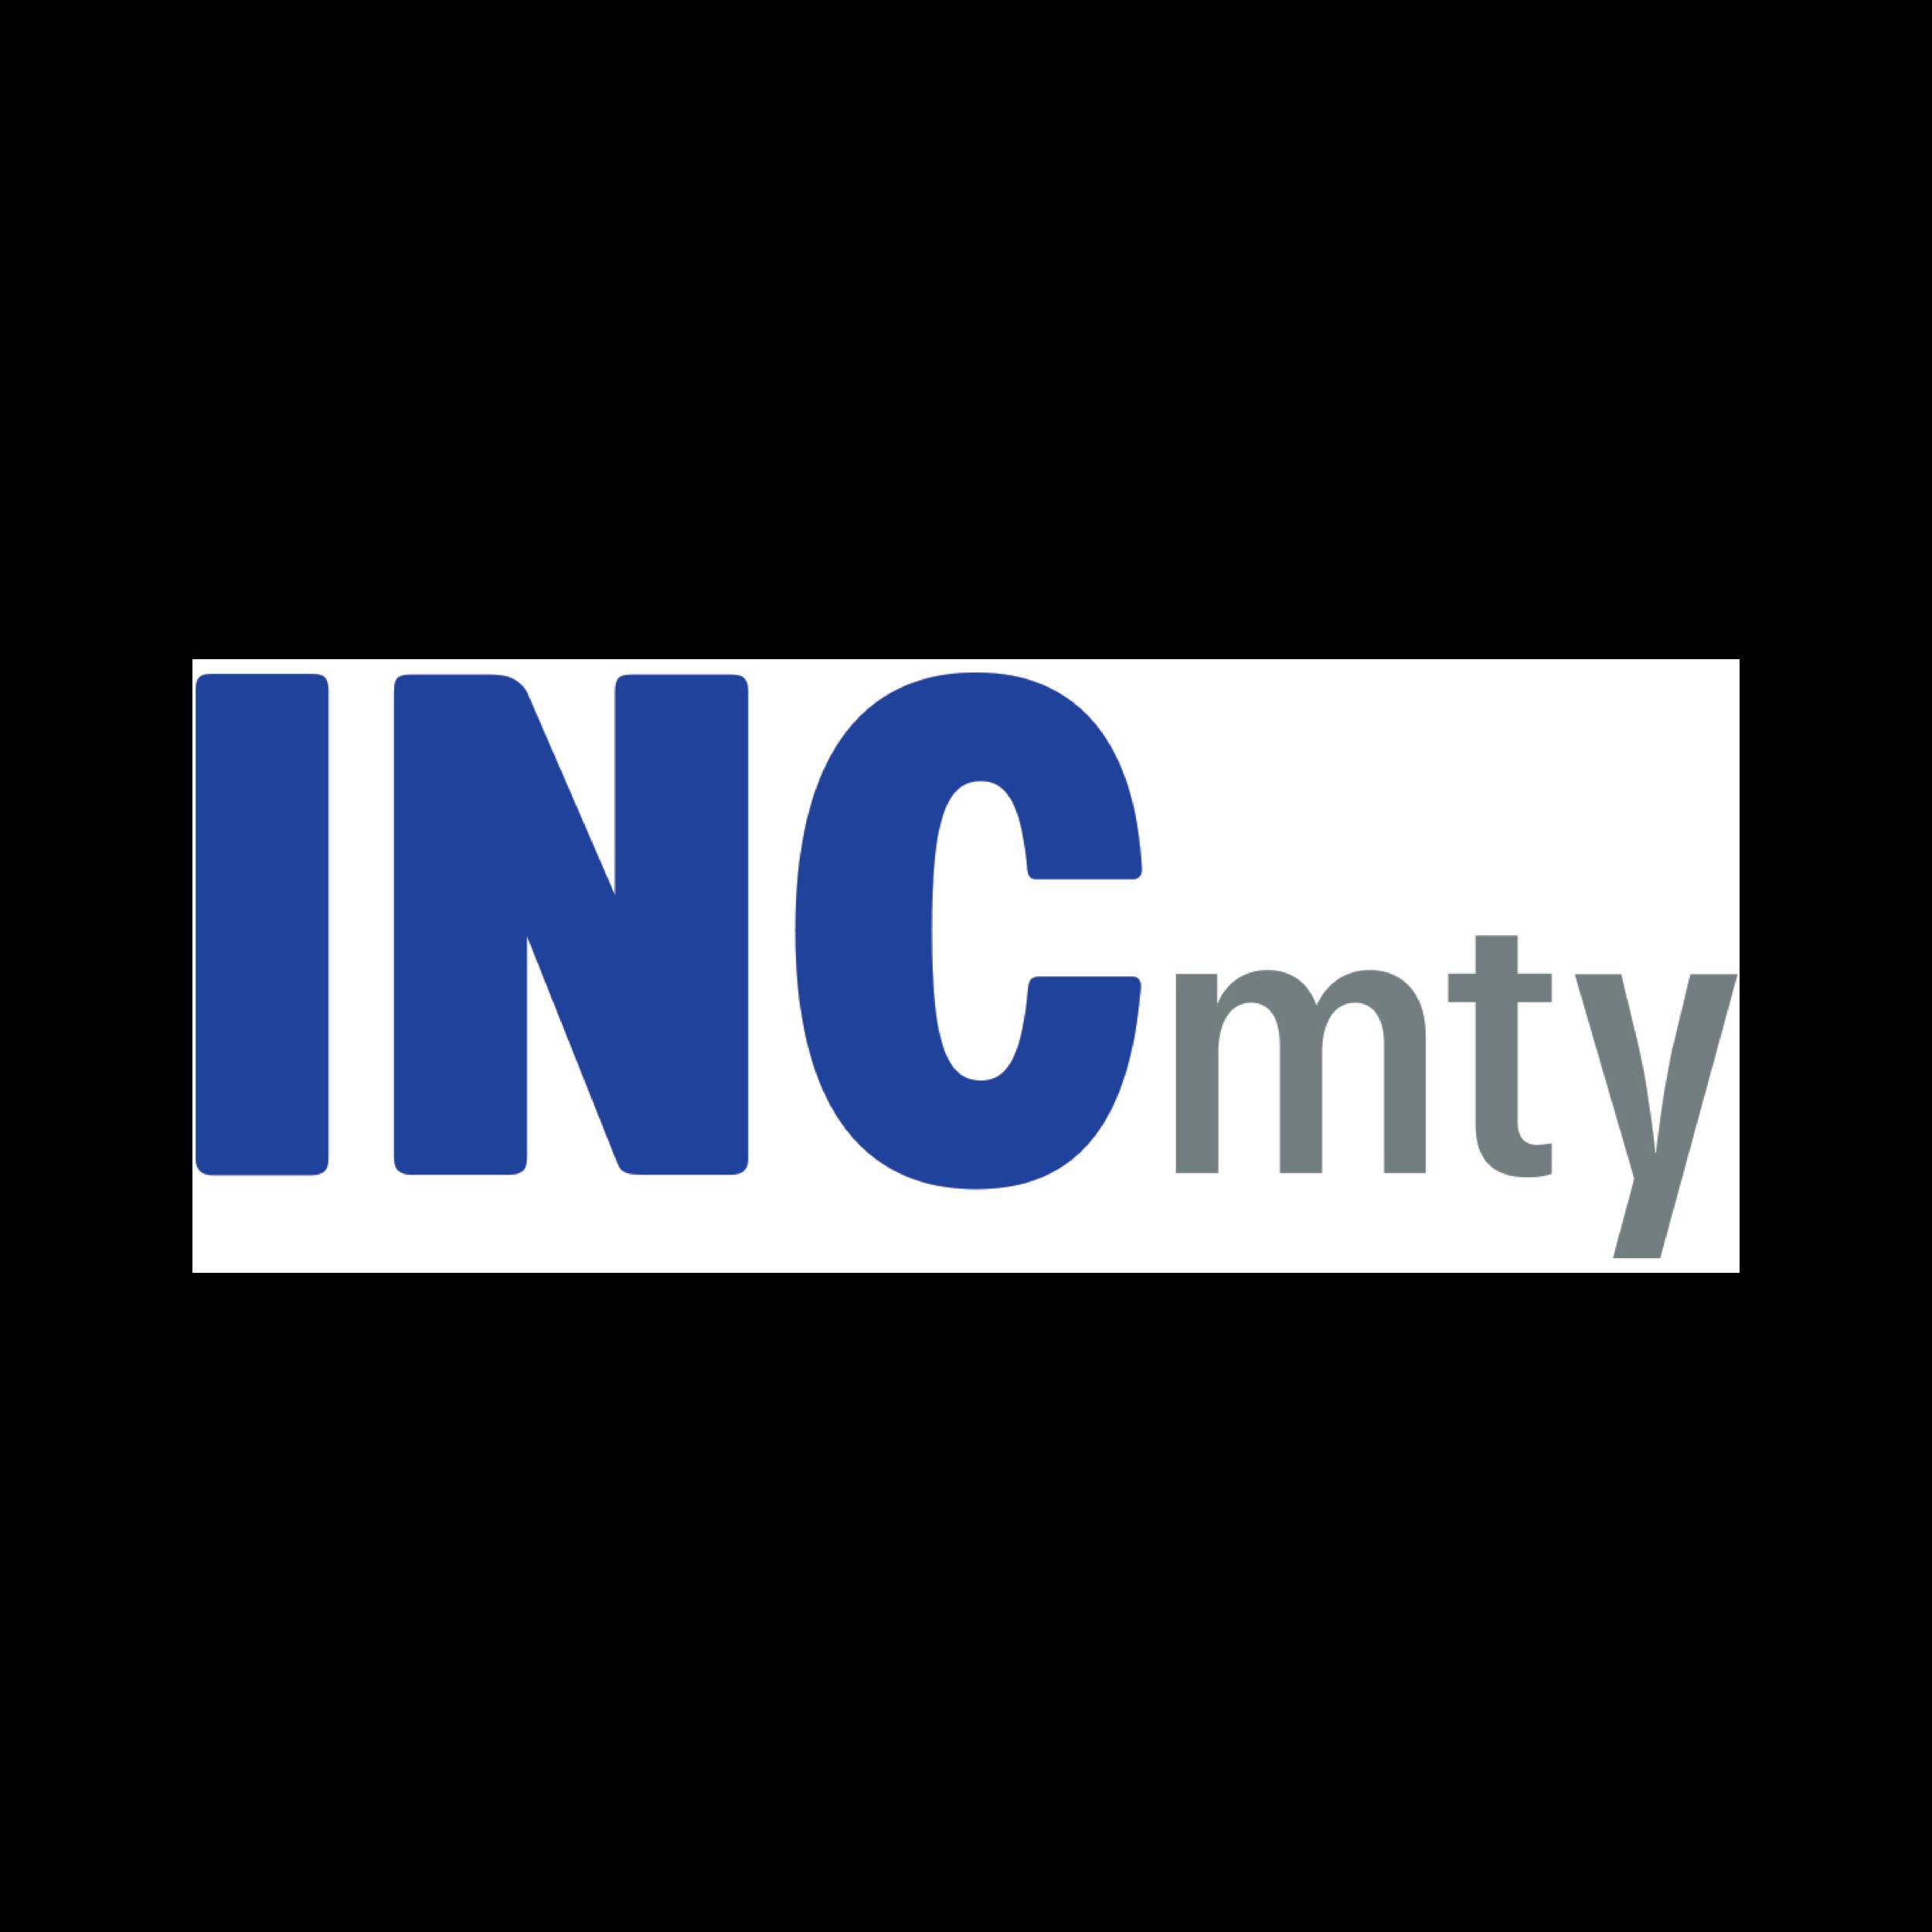 logos iniciativ otro-10.png